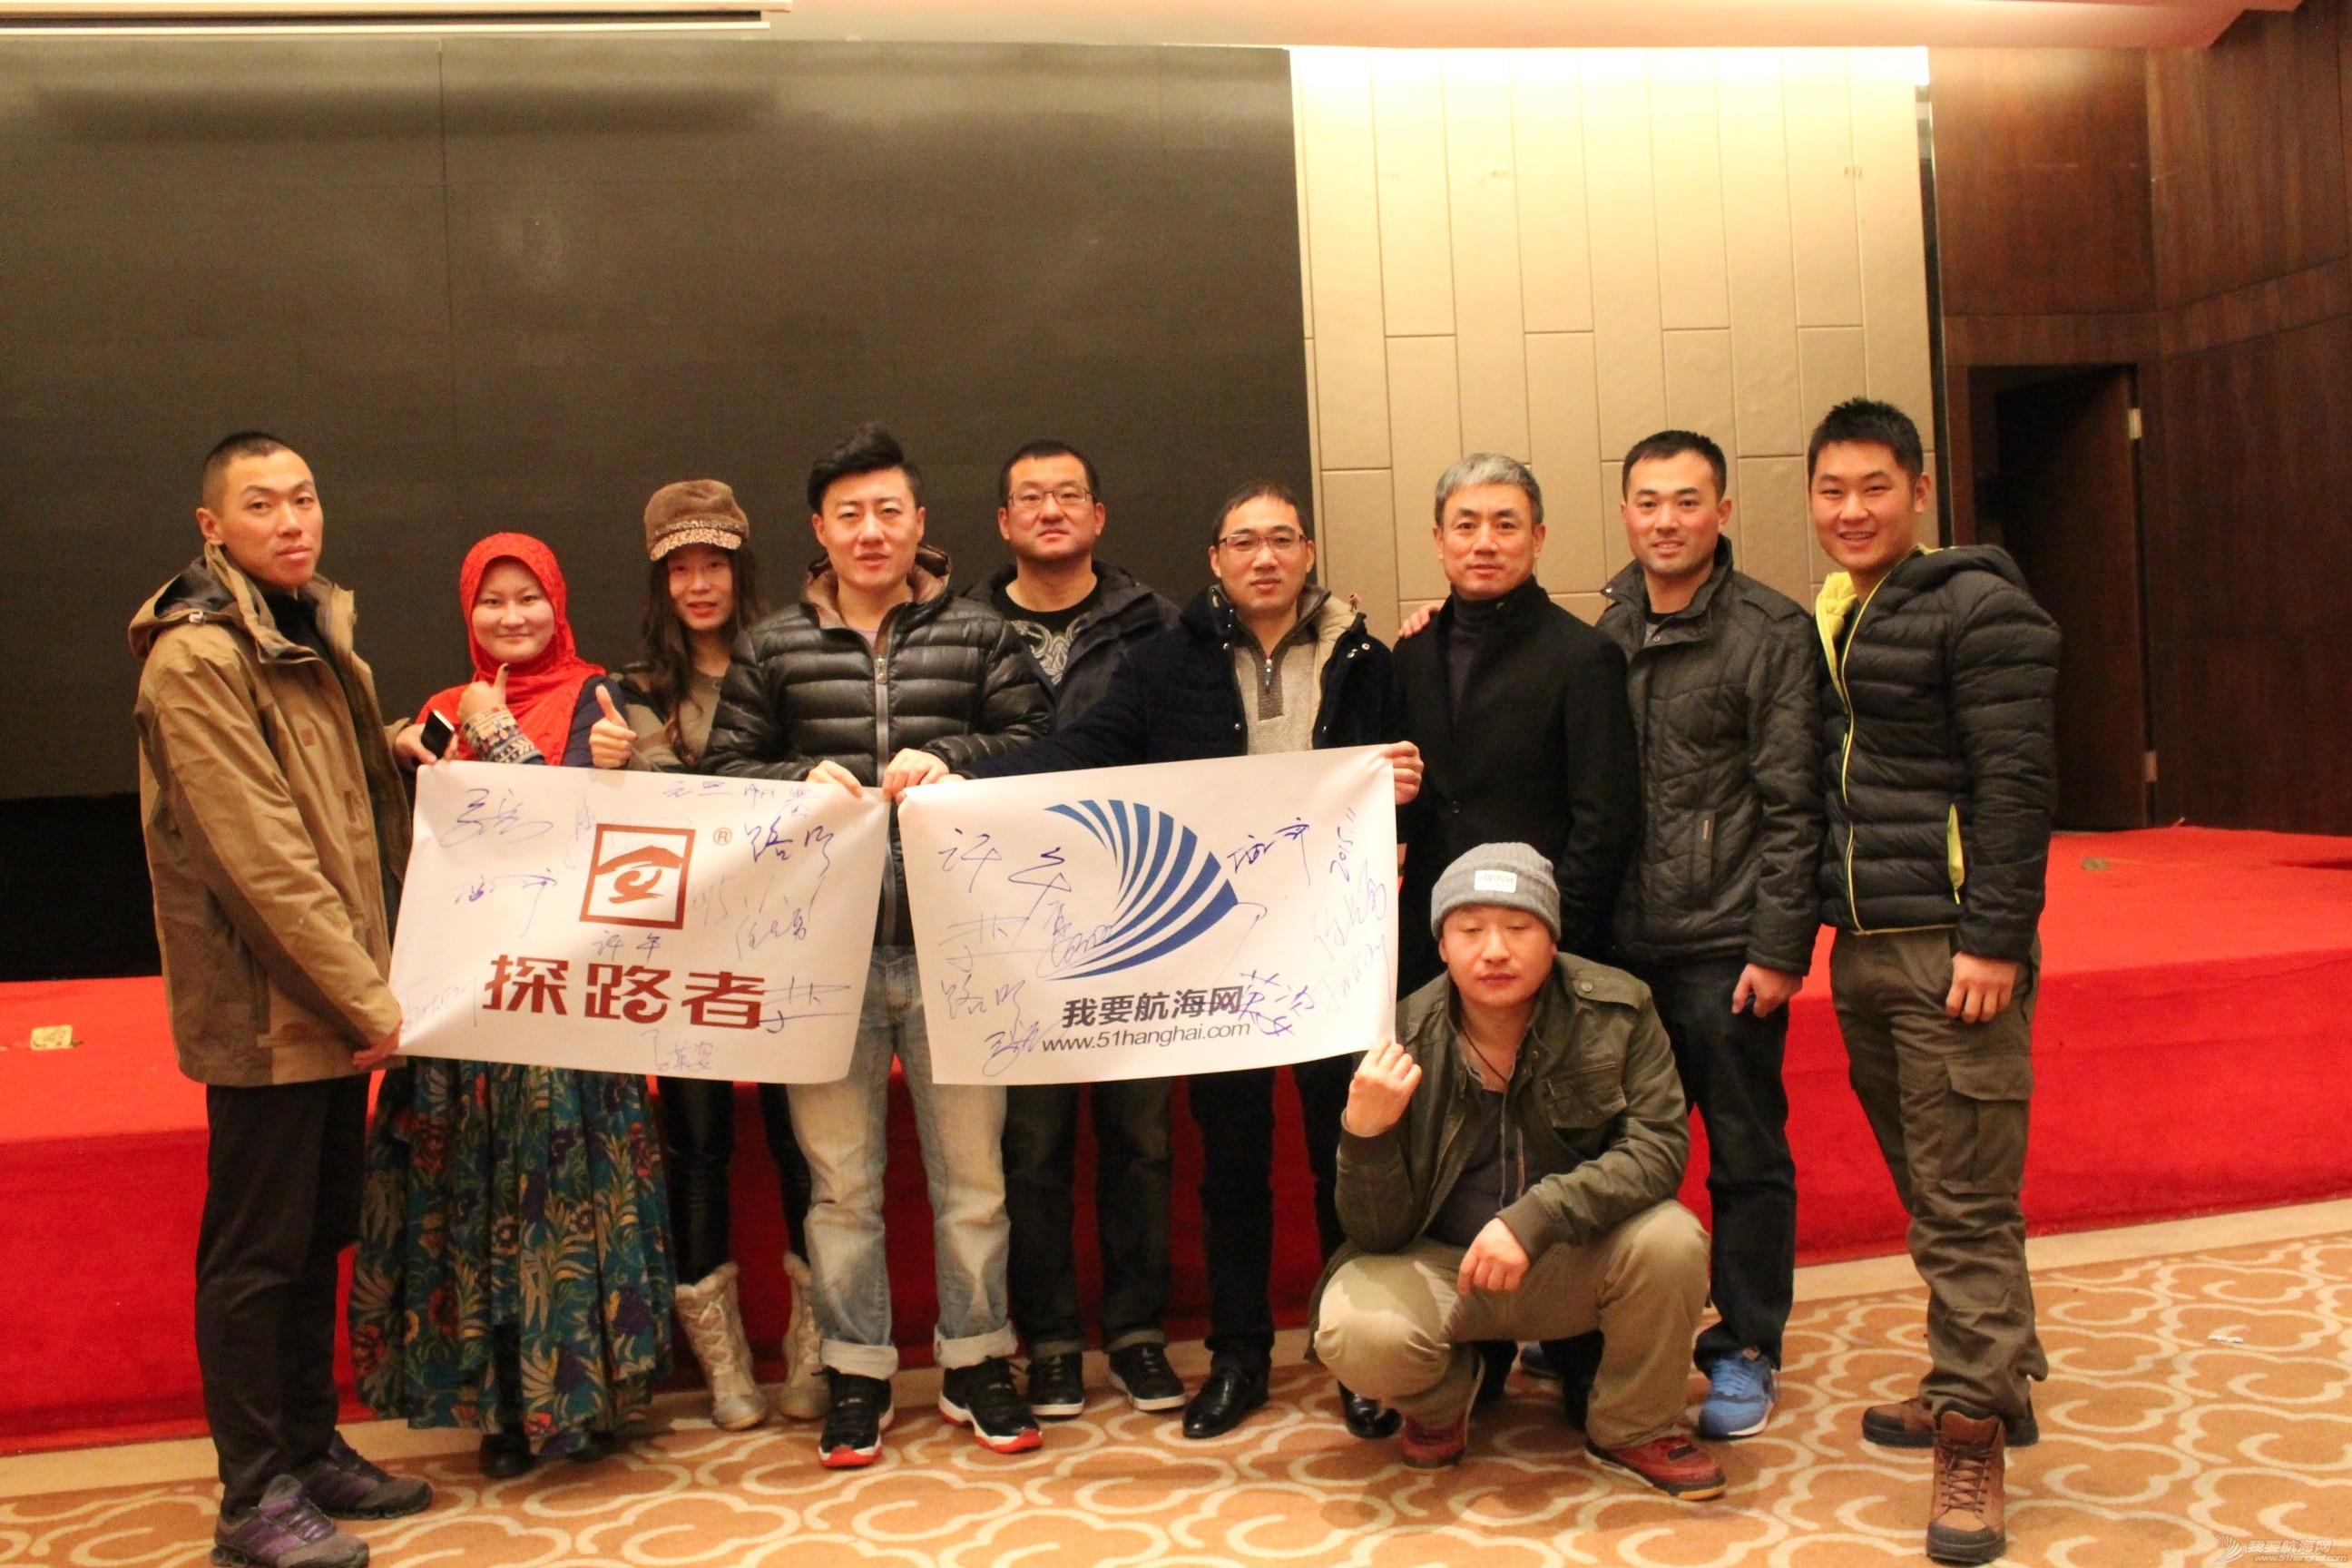 日程表,中国 中国帆船比赛日程表【长期更新中】 IMG_6085.JPG